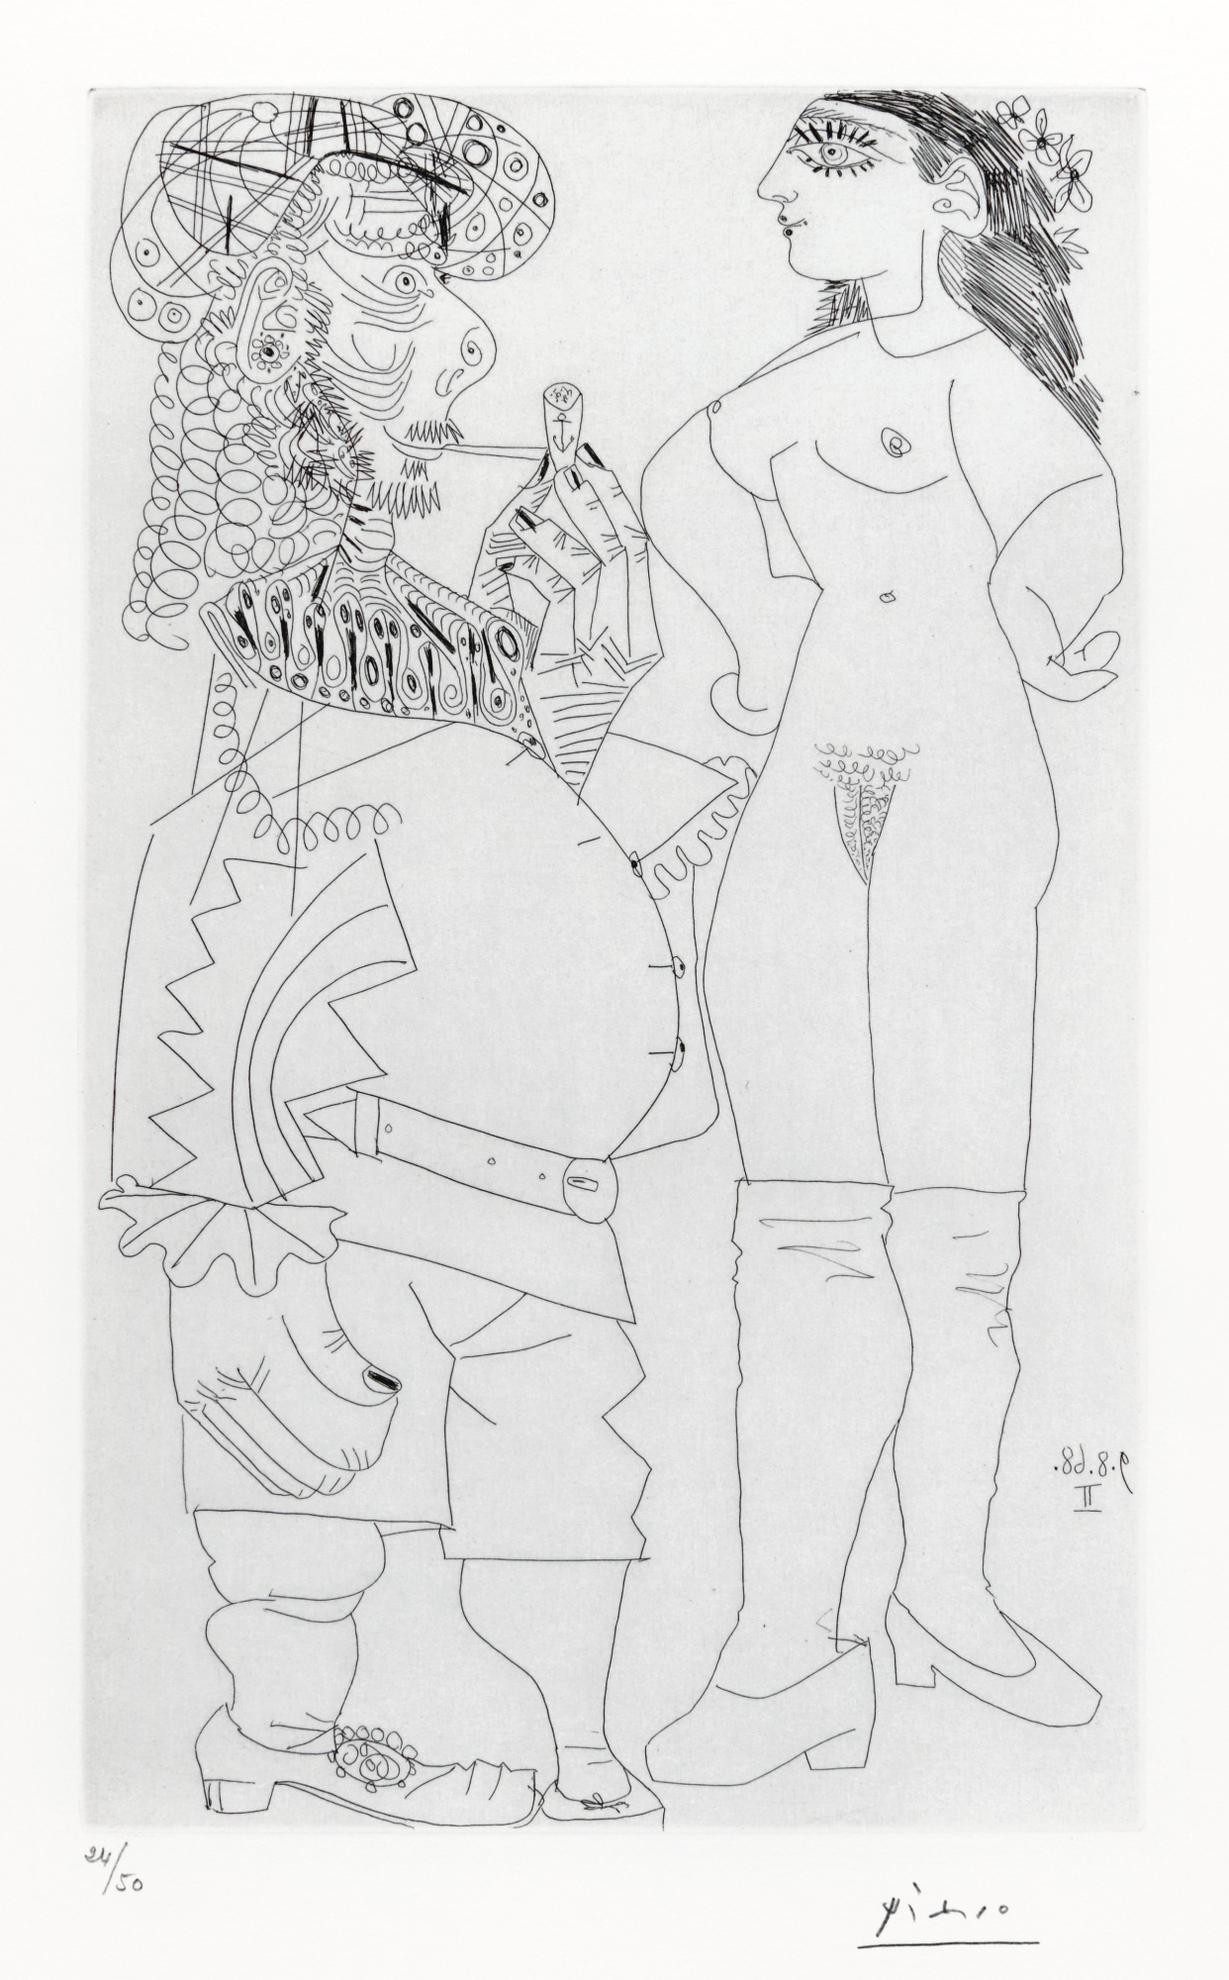 Pablo Picasso-Vieux Marin Bedonnant A La Pipe Et Jeune Prostituee Meprisante (B. 1741; Ba. 1758)-1969